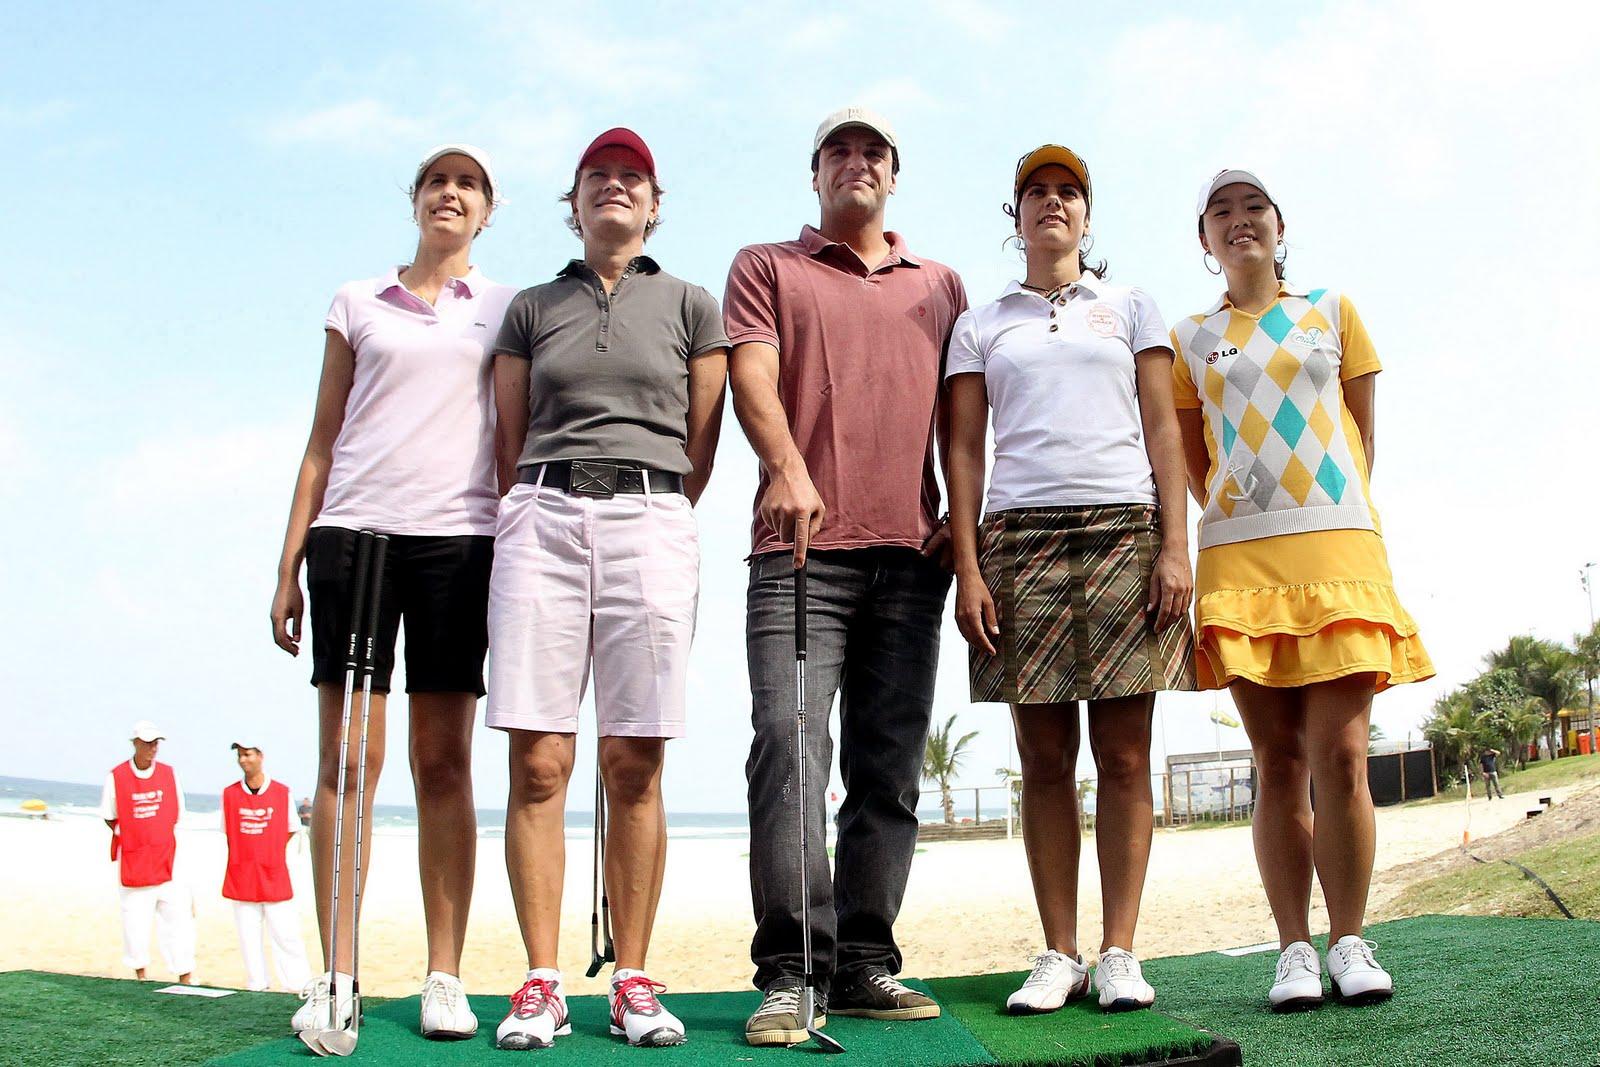 http://1.bp.blogspot.com/_Lxg8YjYsQi0/S_2mNEeJAjI/AAAAAAAAKkU/4b8nLY7SdC4/s1600/99530_128184_rodrigo_golfistas1.jpg